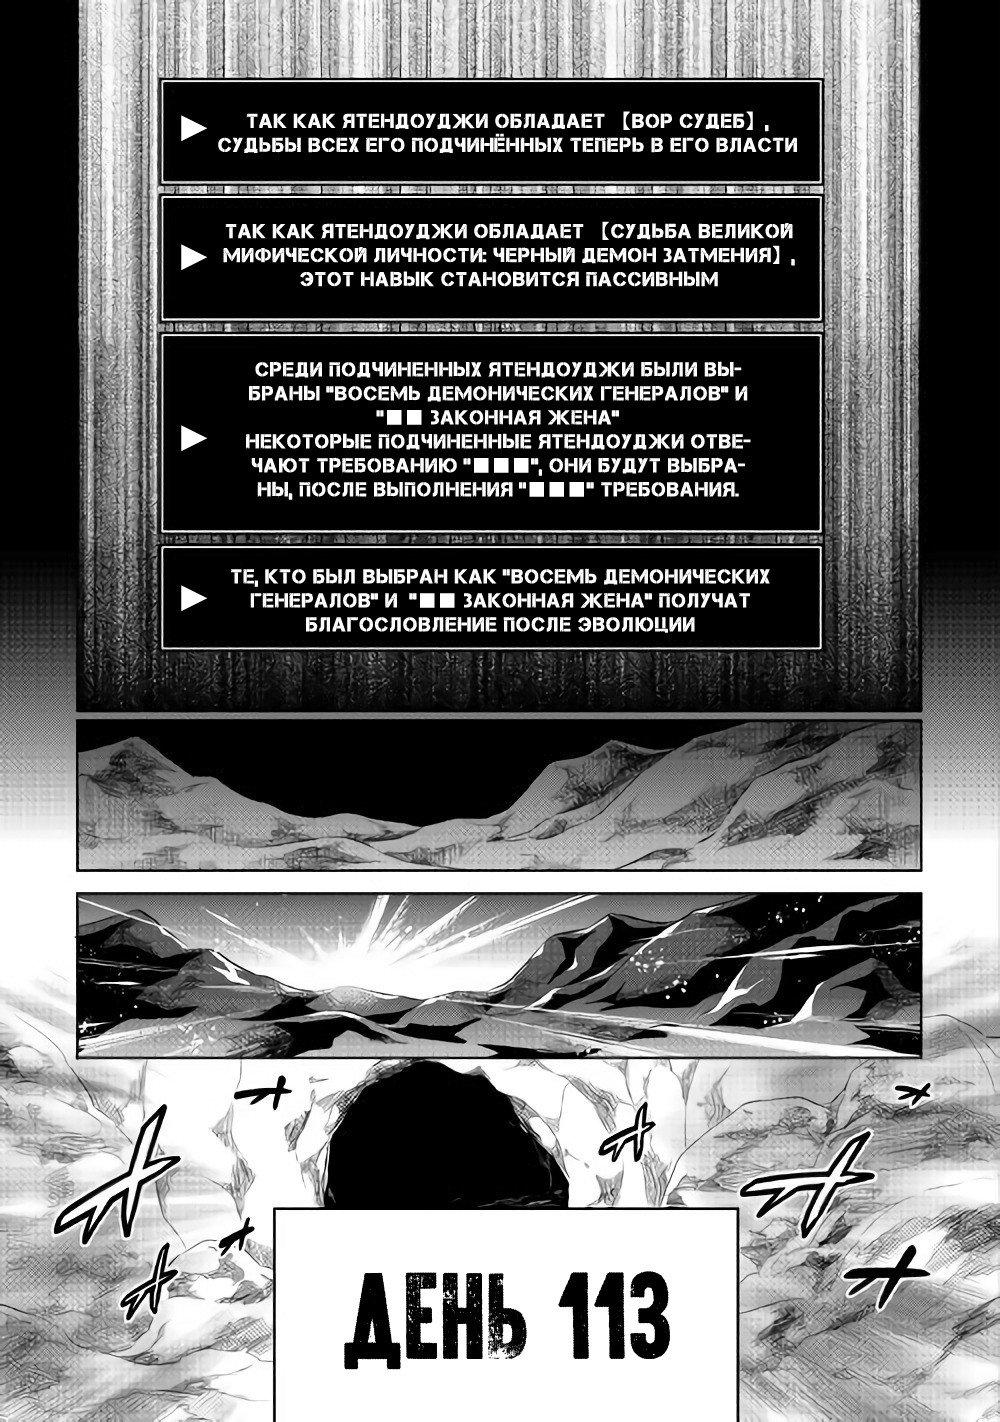 Манга Перерождение: Монстр  - Том 5 Глава 46 Страница 9